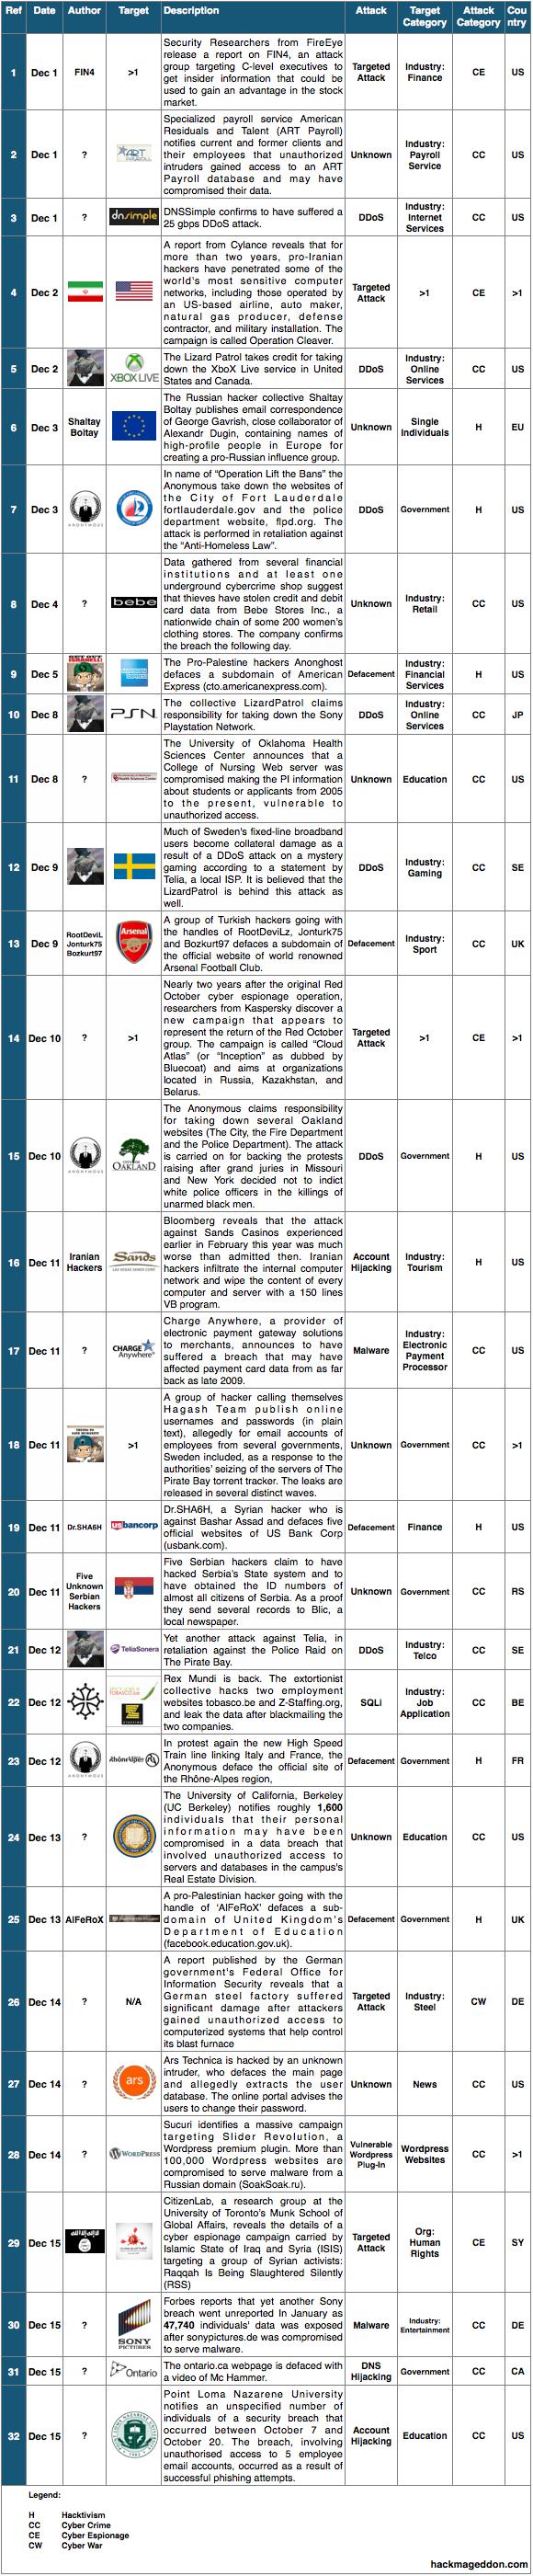 1-15 December 2014 Cyber Attacks Timeline